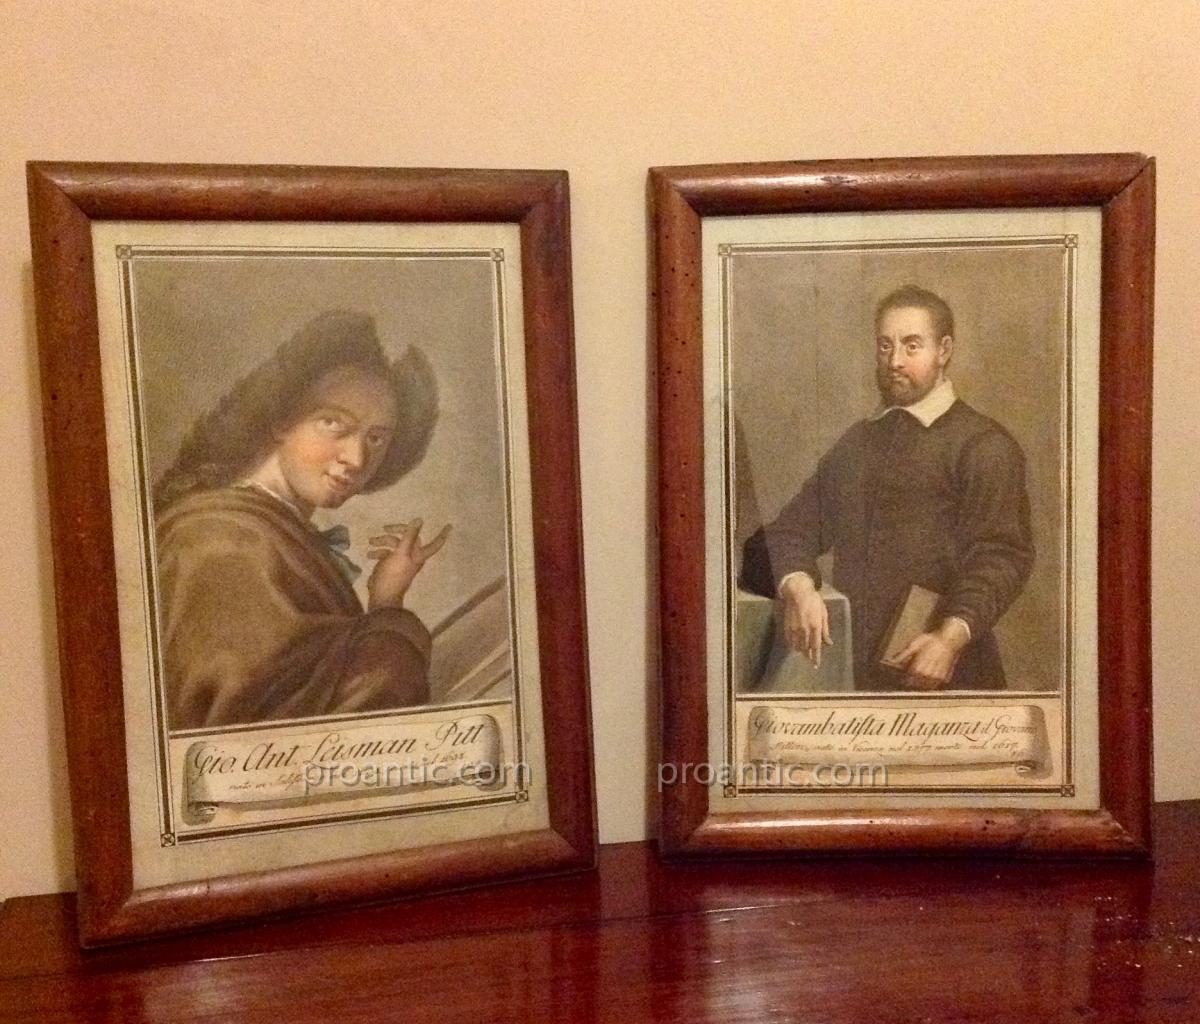 Deux Gravures, Portraits d'Artistes, C. Lasinio, Fin 18ème.